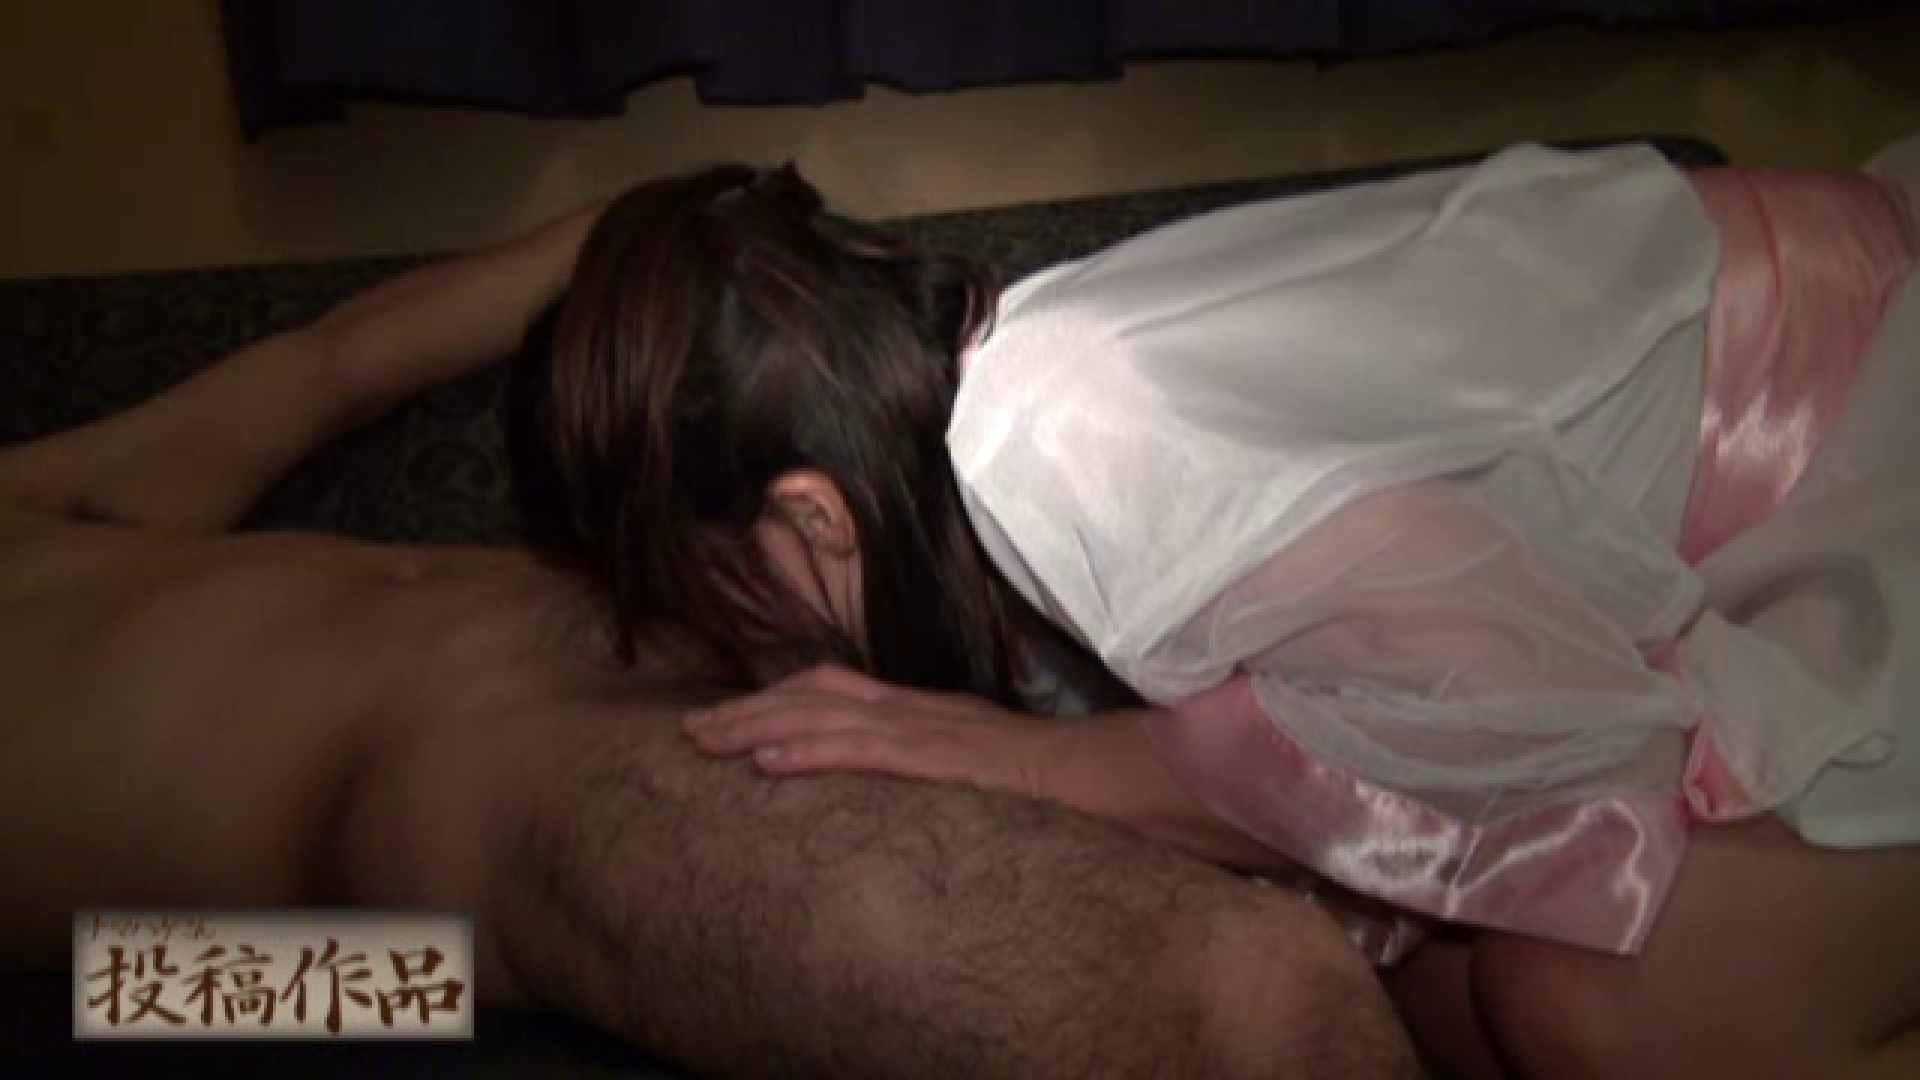 ナマハゲさんのまんこコレクション第二章 kazumi 02 美しいOLの裸体  70pic 54